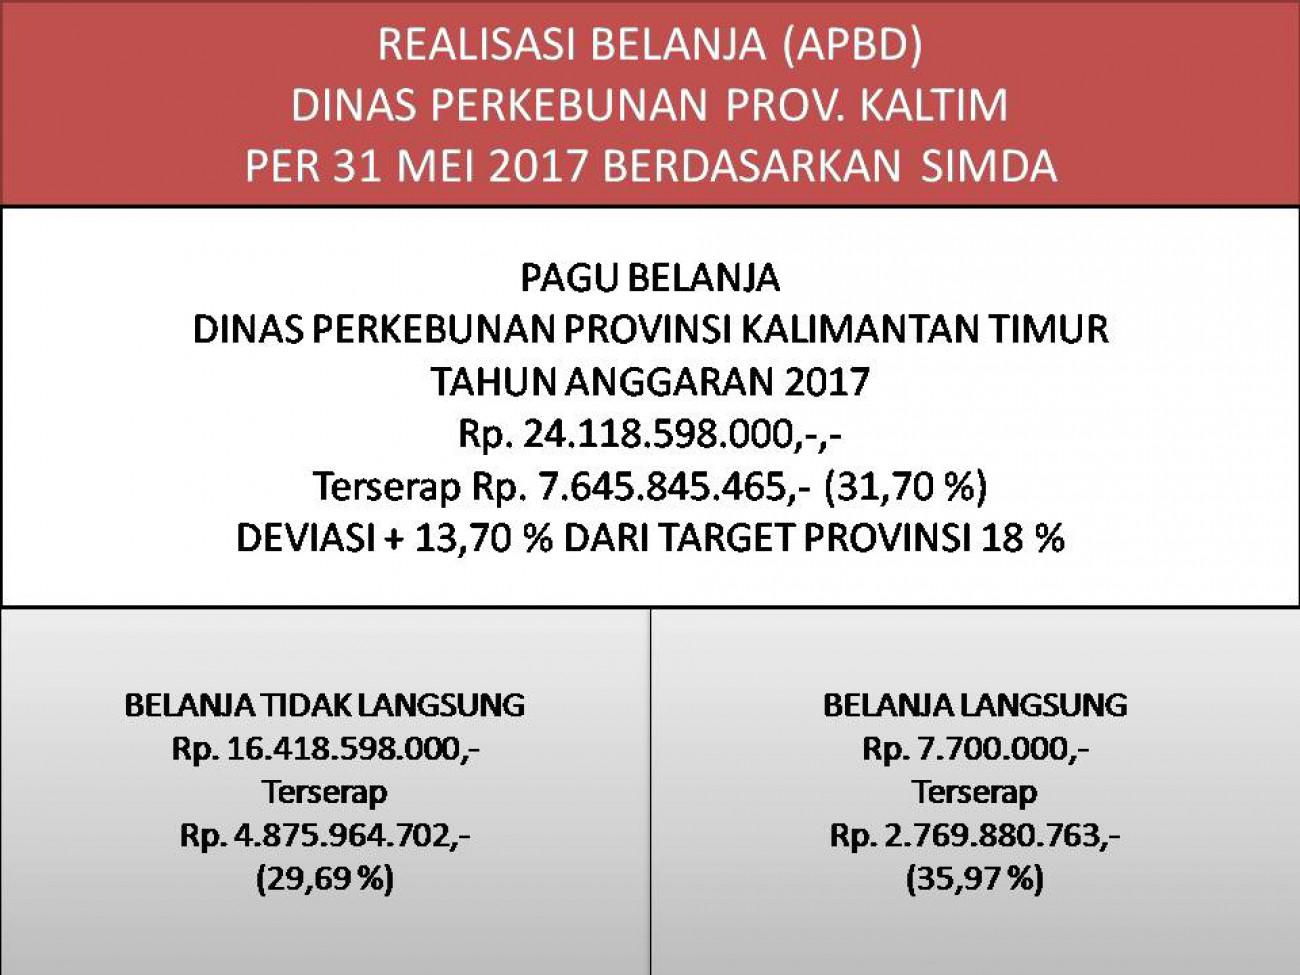 Laporan Realisasi APBD Dinas Perkebunan Prov. Kaltim Bulan Mei 2017